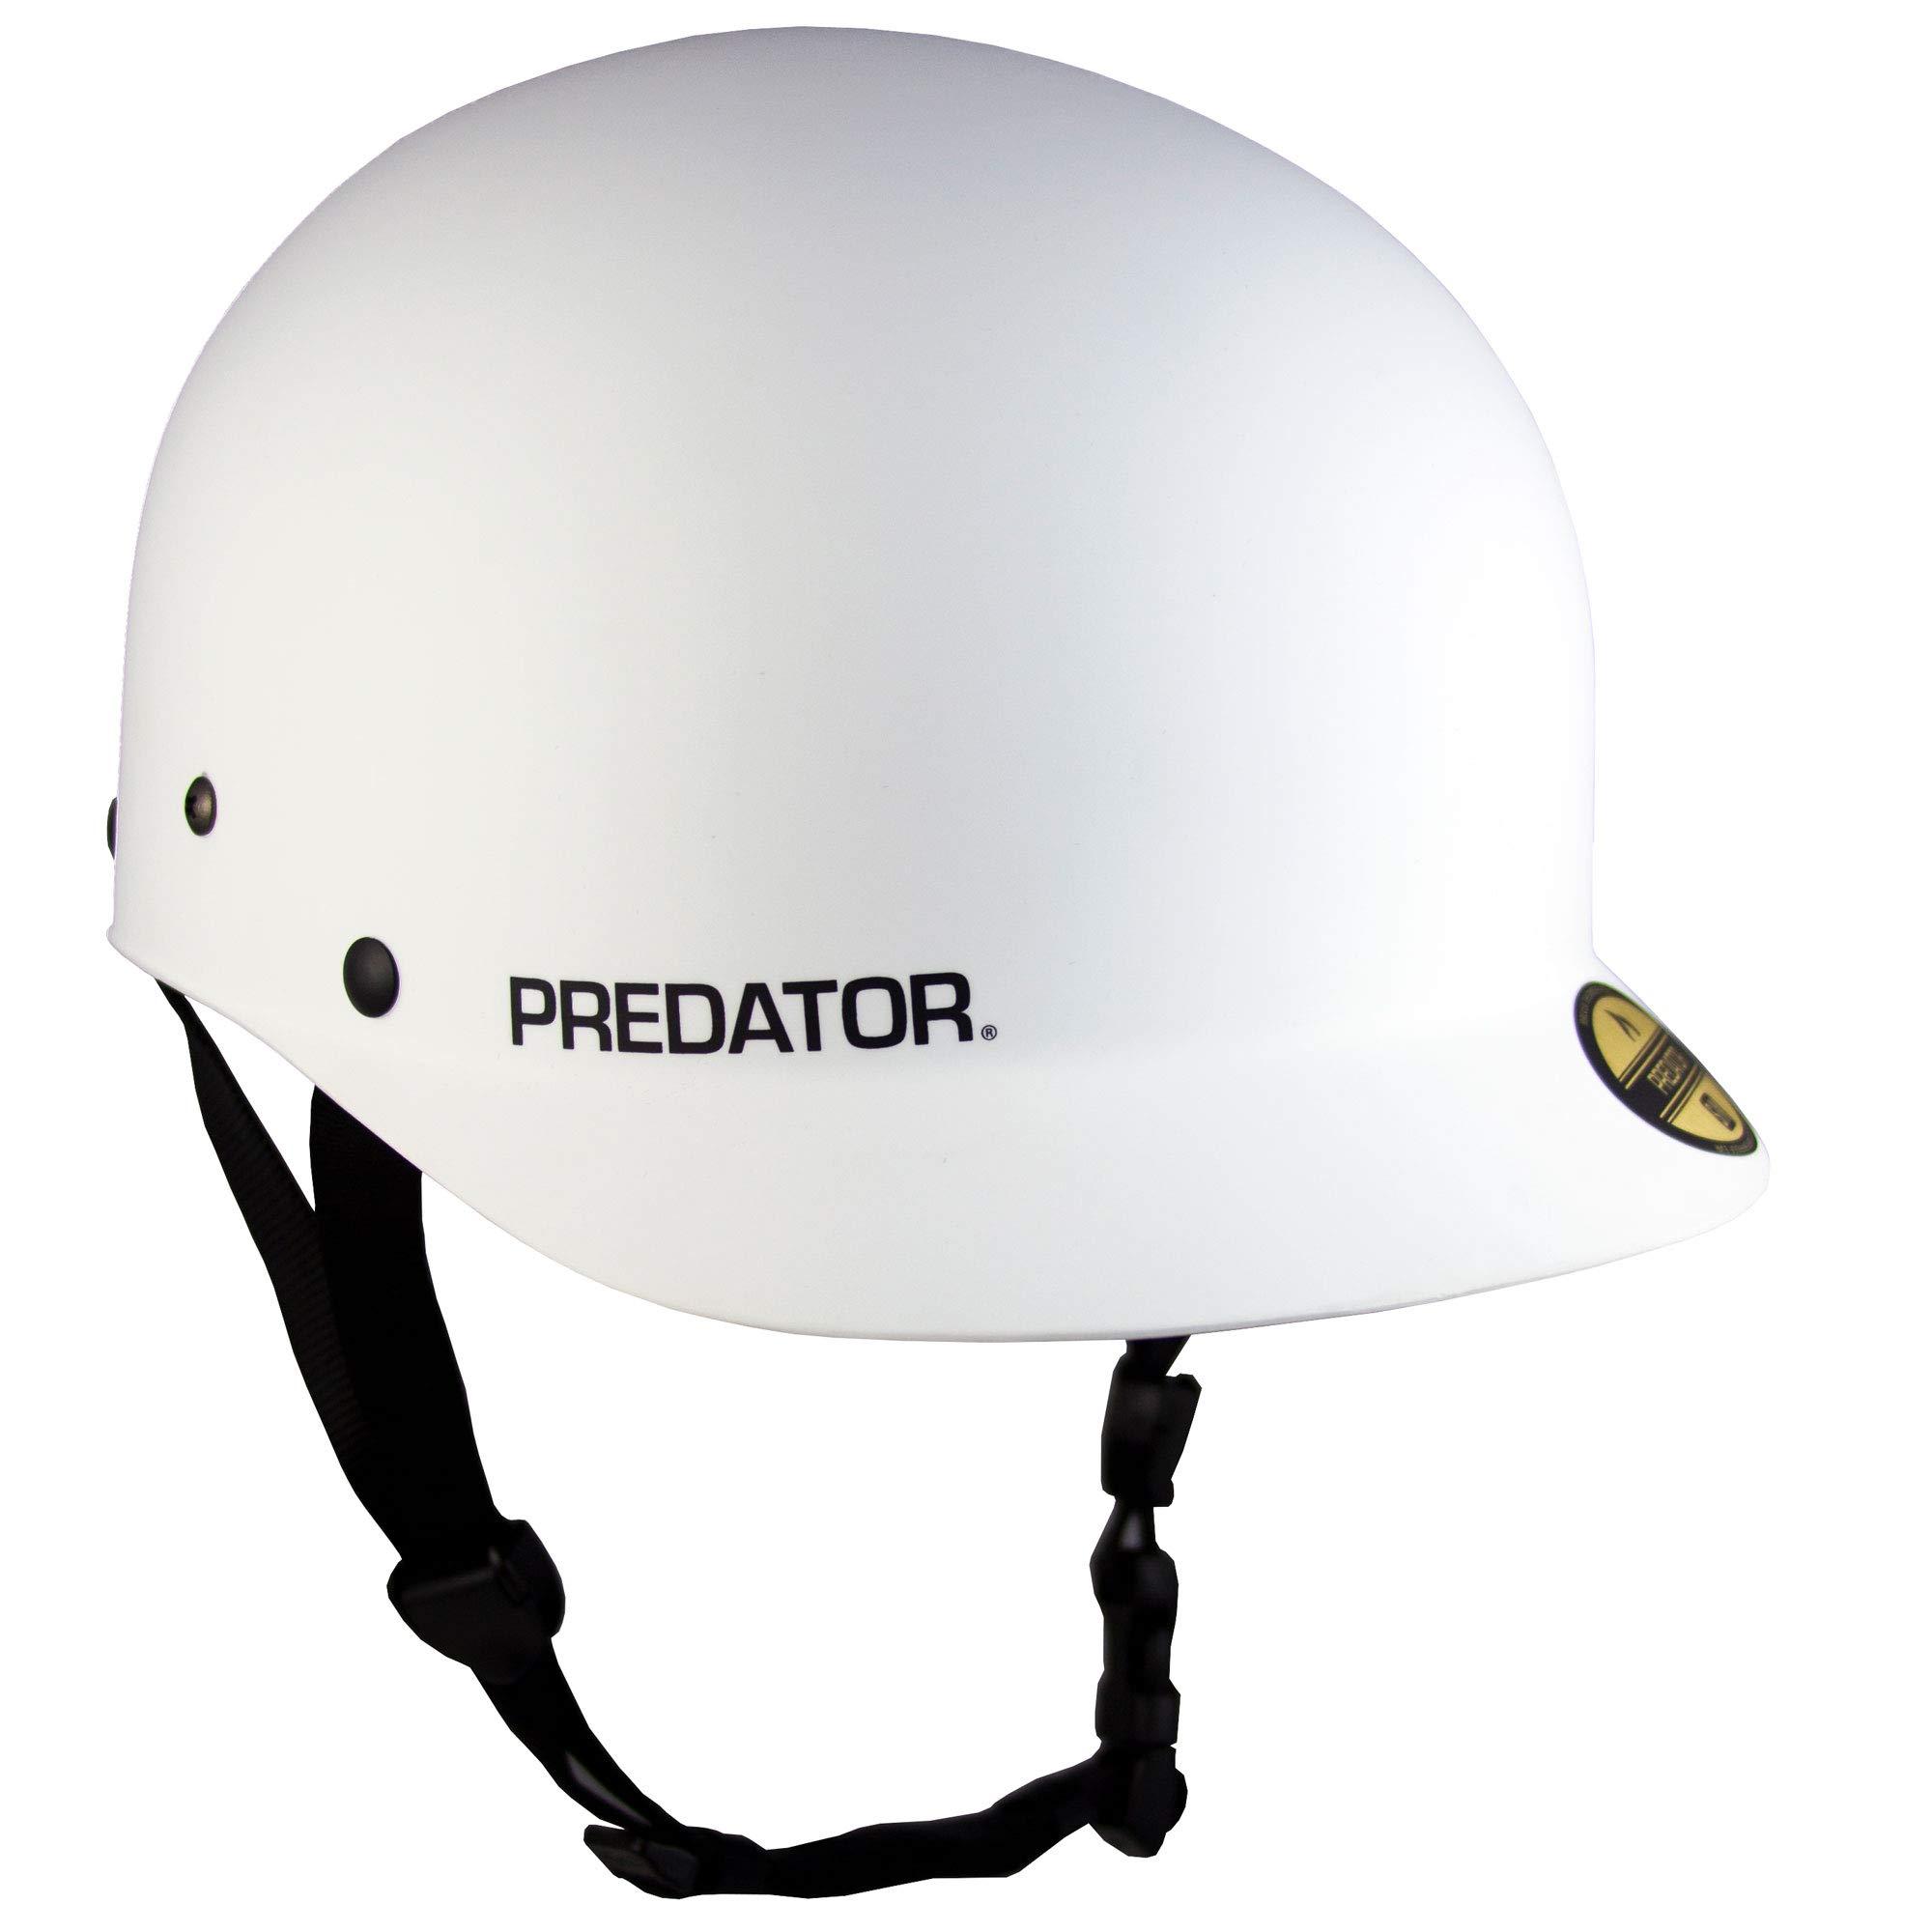 Predator Shiznit Kayak Helmet-MatteWhite-L/XL by Predator